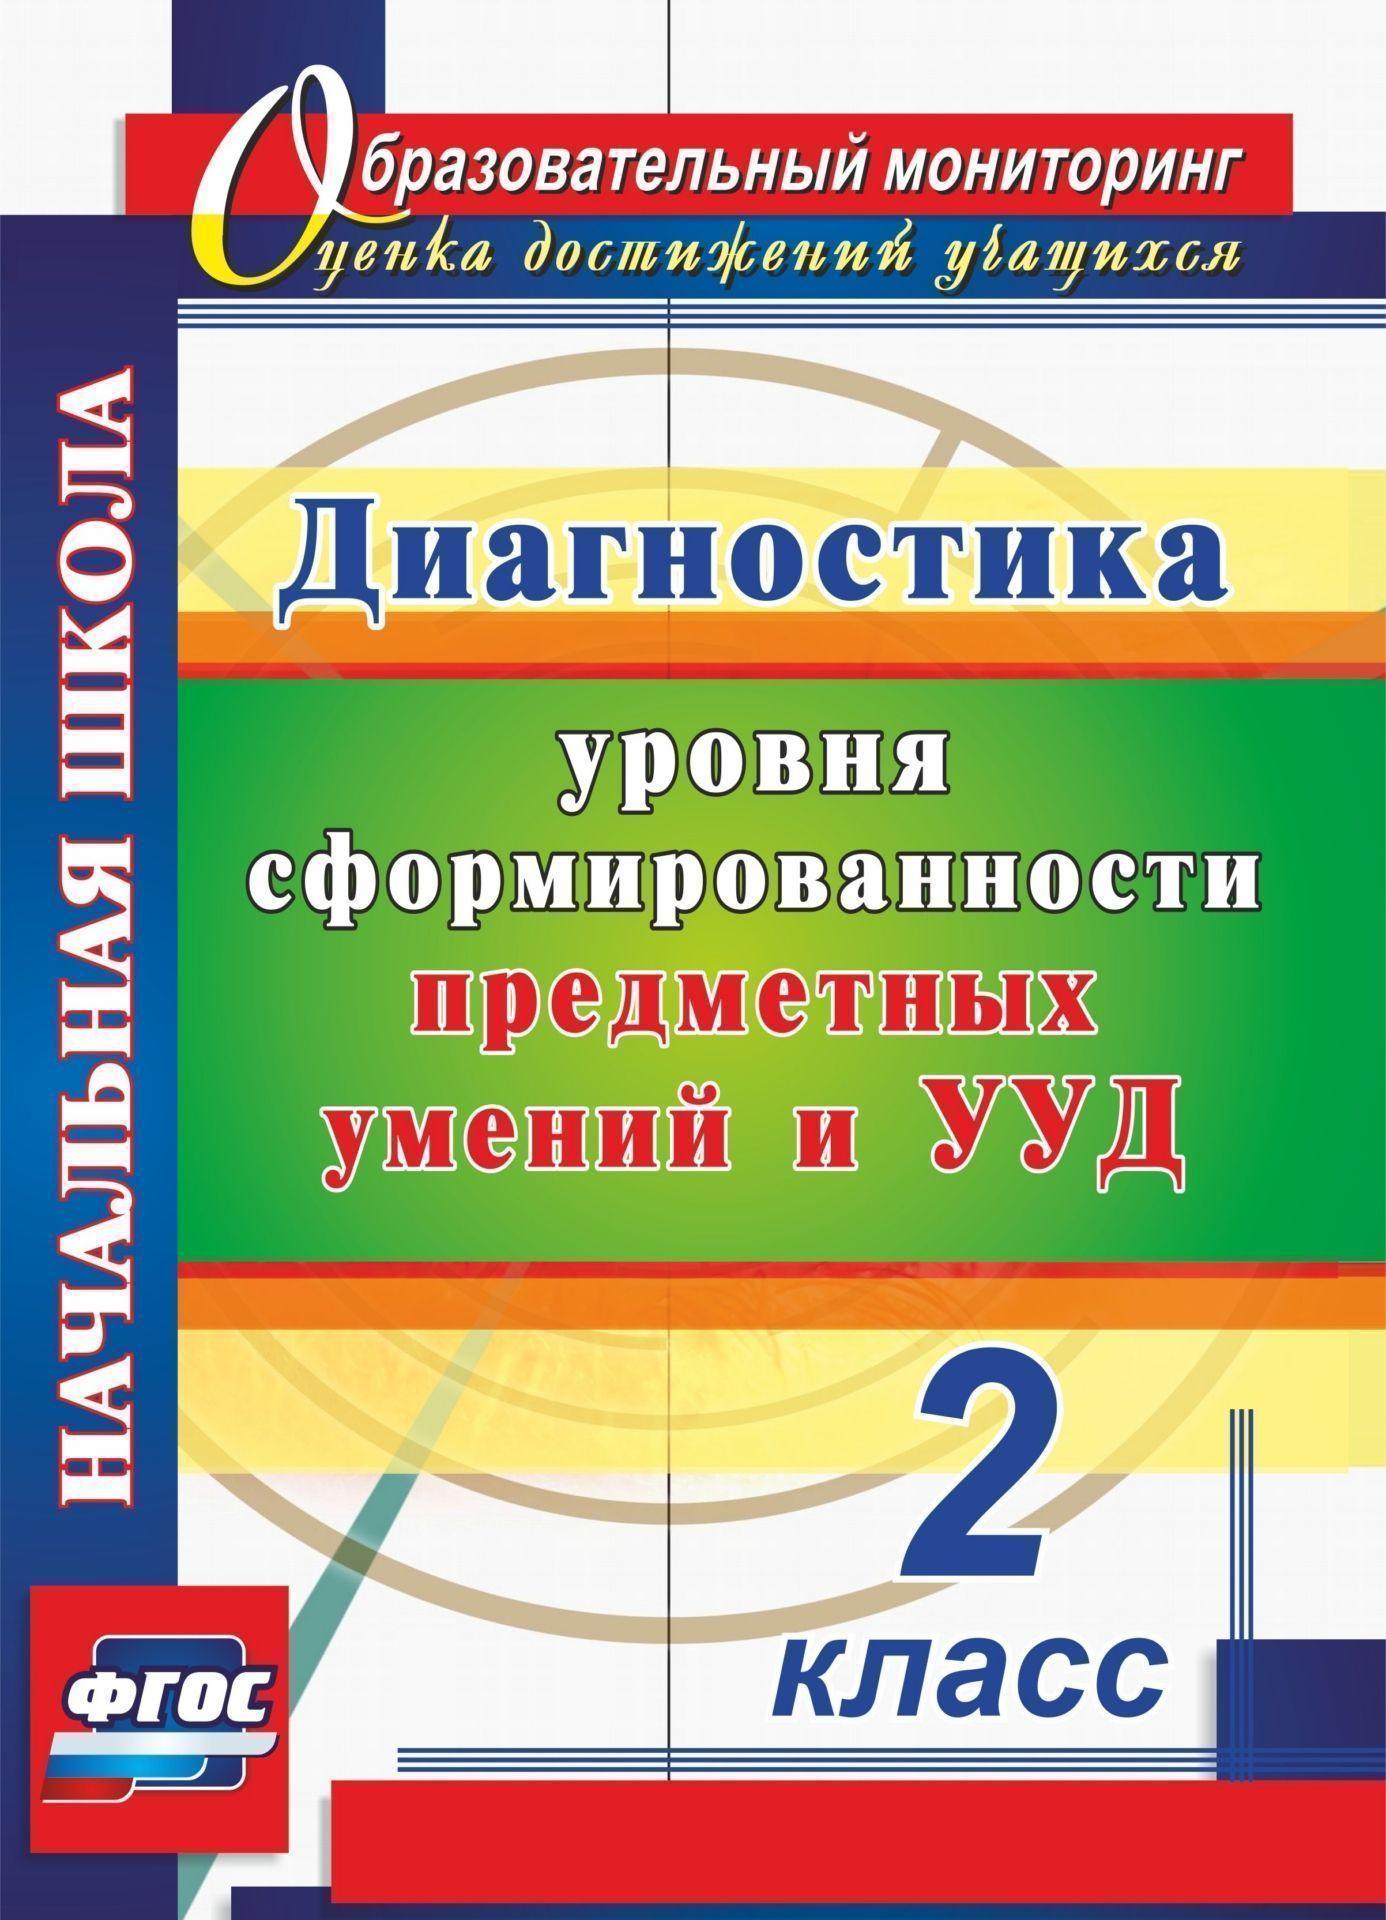 Диагностика уровня сформированности предметных умений и УУД. 2 классНачальная школа<br>В пособии предложены контрольные работы с ответами по русскому языку, литературному чтению, математике, окружающему миру для 2 класса, составленные в соответствии с ФГОС НОО и представленные в форме тестов с разноуровневыми заданиями. Определить уровень с...<br><br>Авторы: Исакова О. А., Лаврентьева Т.М.<br>Год: 2017<br>Серия: Образовательный мониторинг. Оценка достижений учащихся<br>ISBN: 978-5-7057-3634-8, 978-5-7057-4461-9, 978-5-7057-5139-6<br>Высота: 285<br>Ширина: 203<br>Переплёт: мягкая, склейка